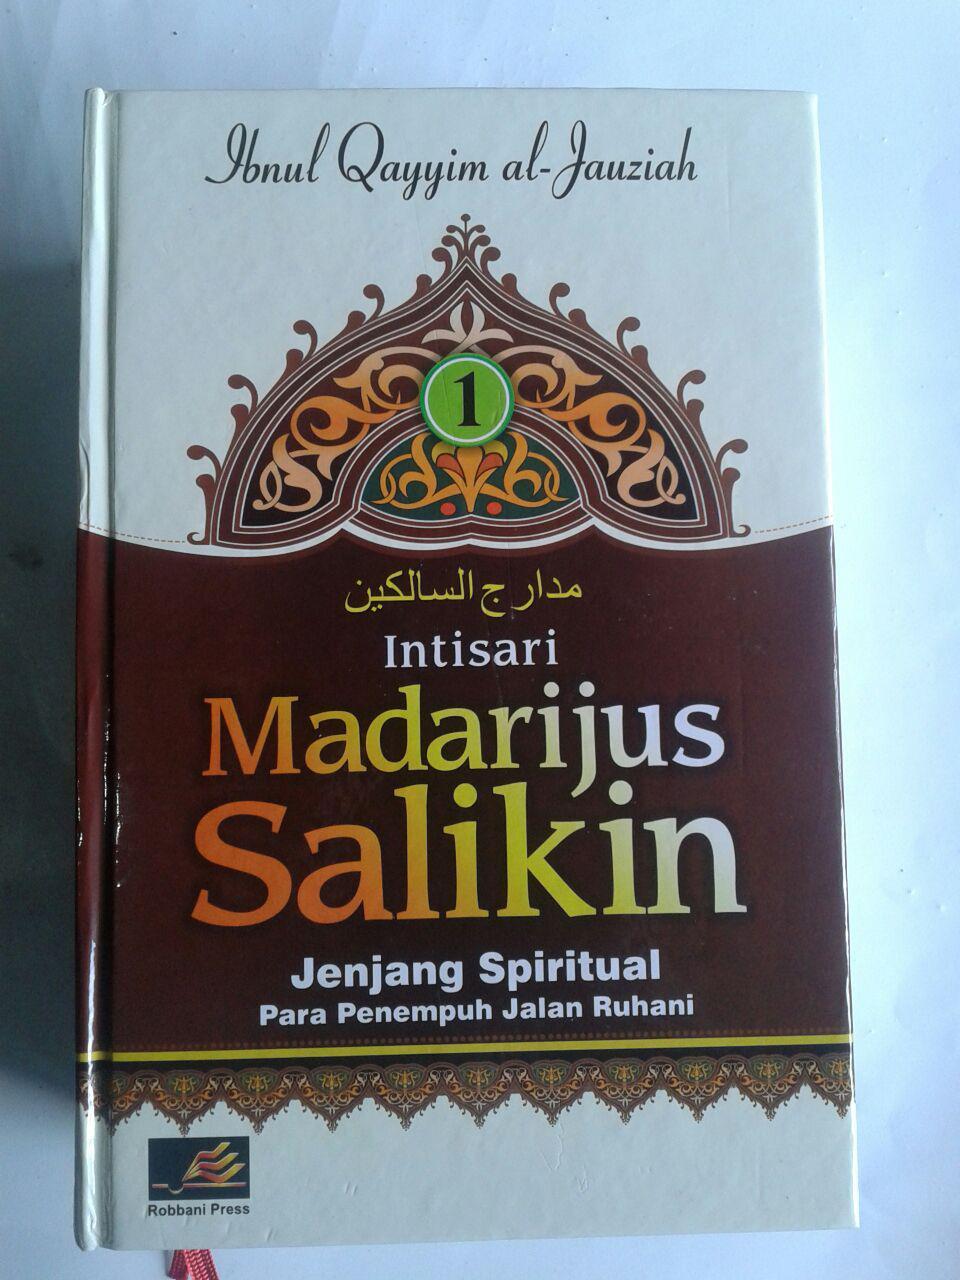 Buku Intisari Madarijus Salikin Jenjang Spiritual Jalan Ruhani cover 3